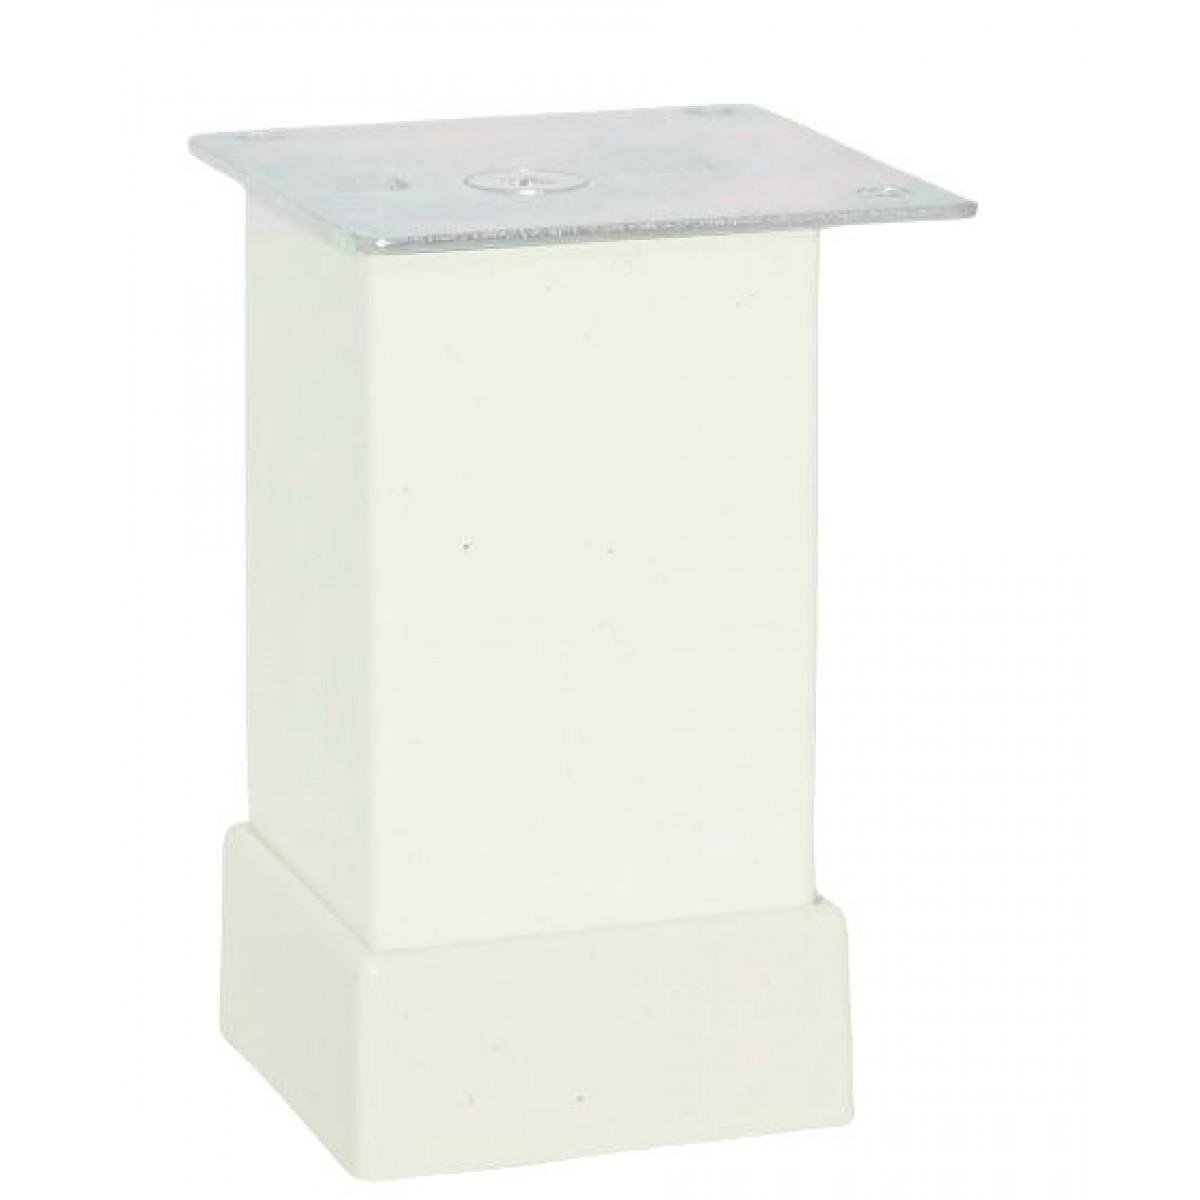 Ножка мебельная регулируемая Kare Duz 112-012, 40х40 мм, Н=80 мм Белая